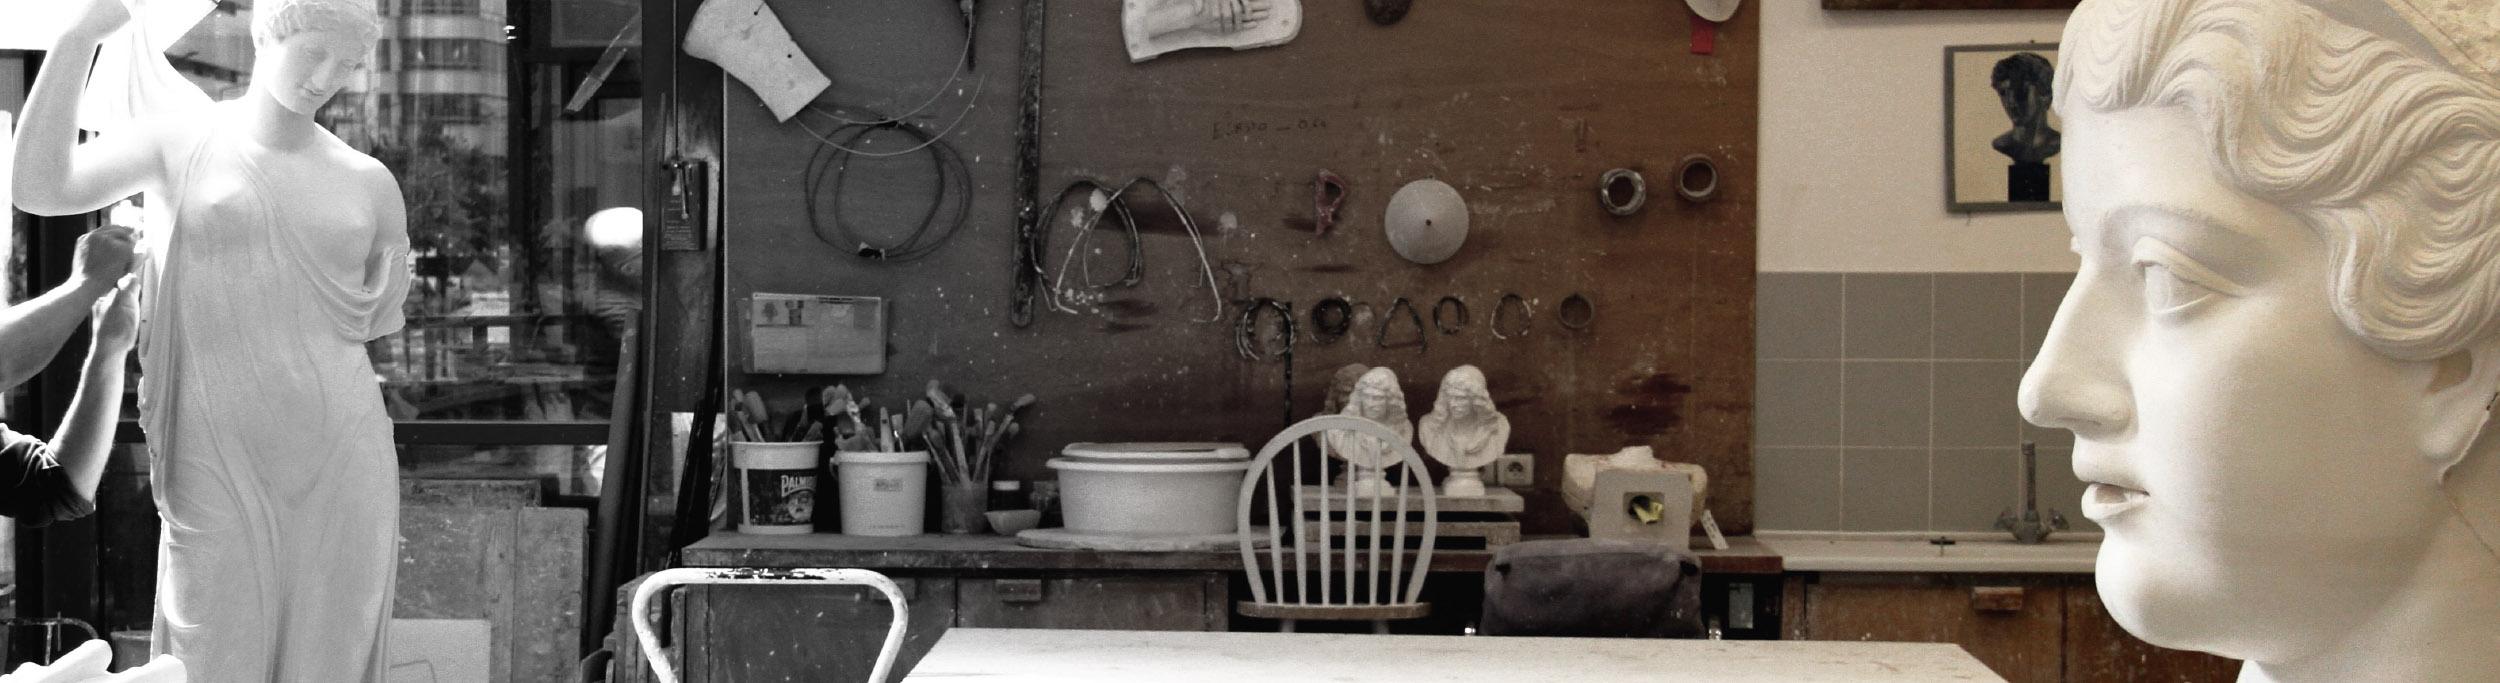 Atelier de moulage des Musées nationaux - Reproduction de sculptures d'art, statues et statuettes